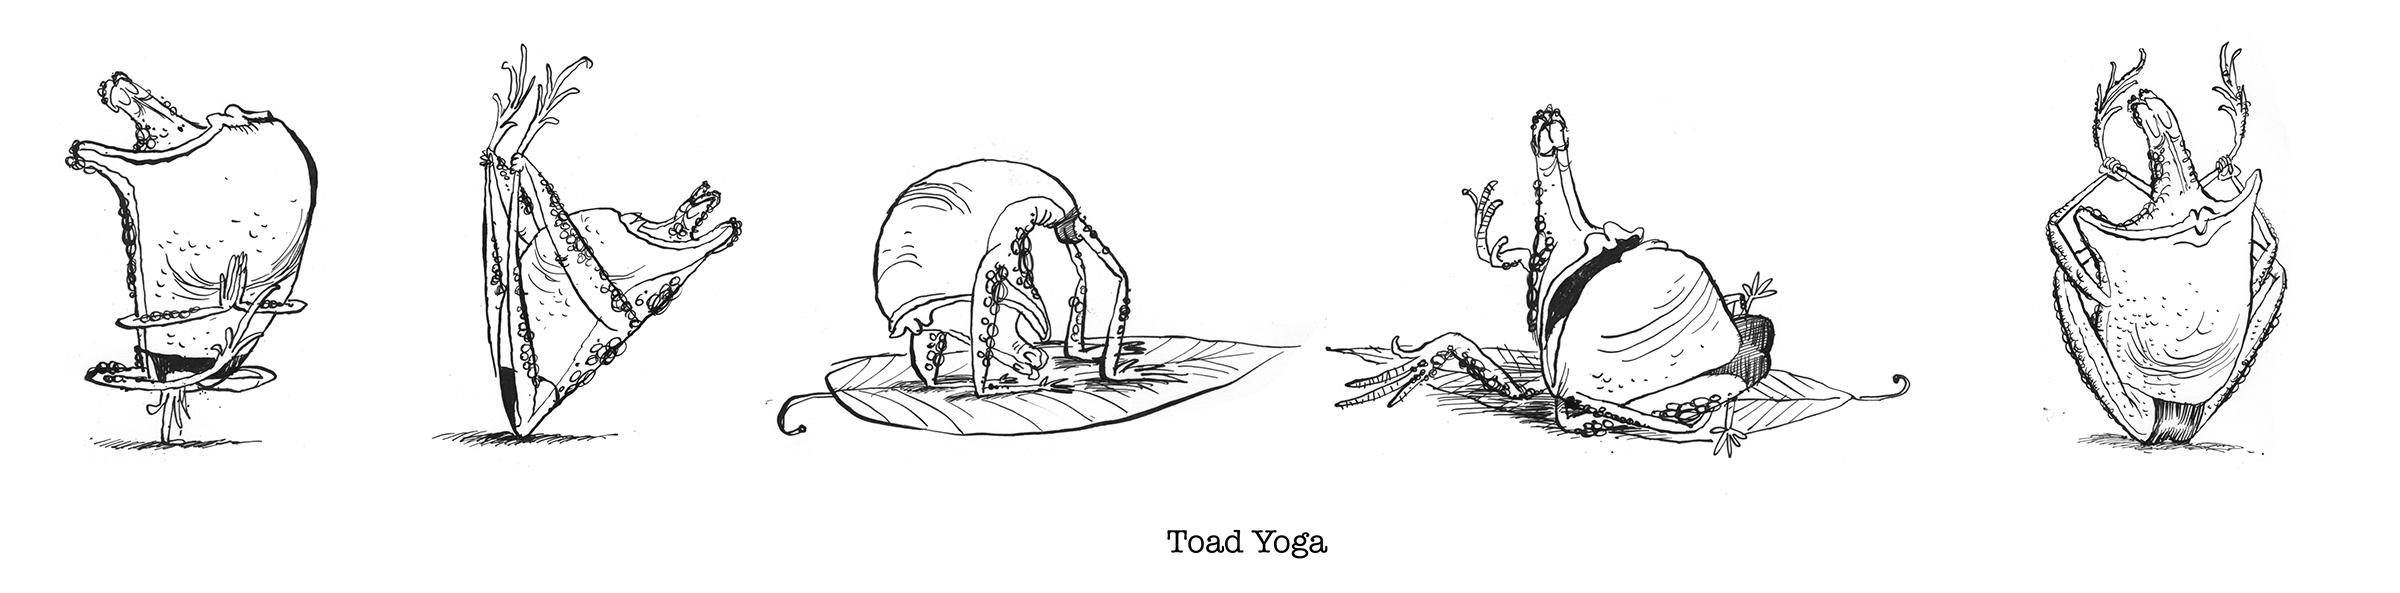 toad yoga.jpg